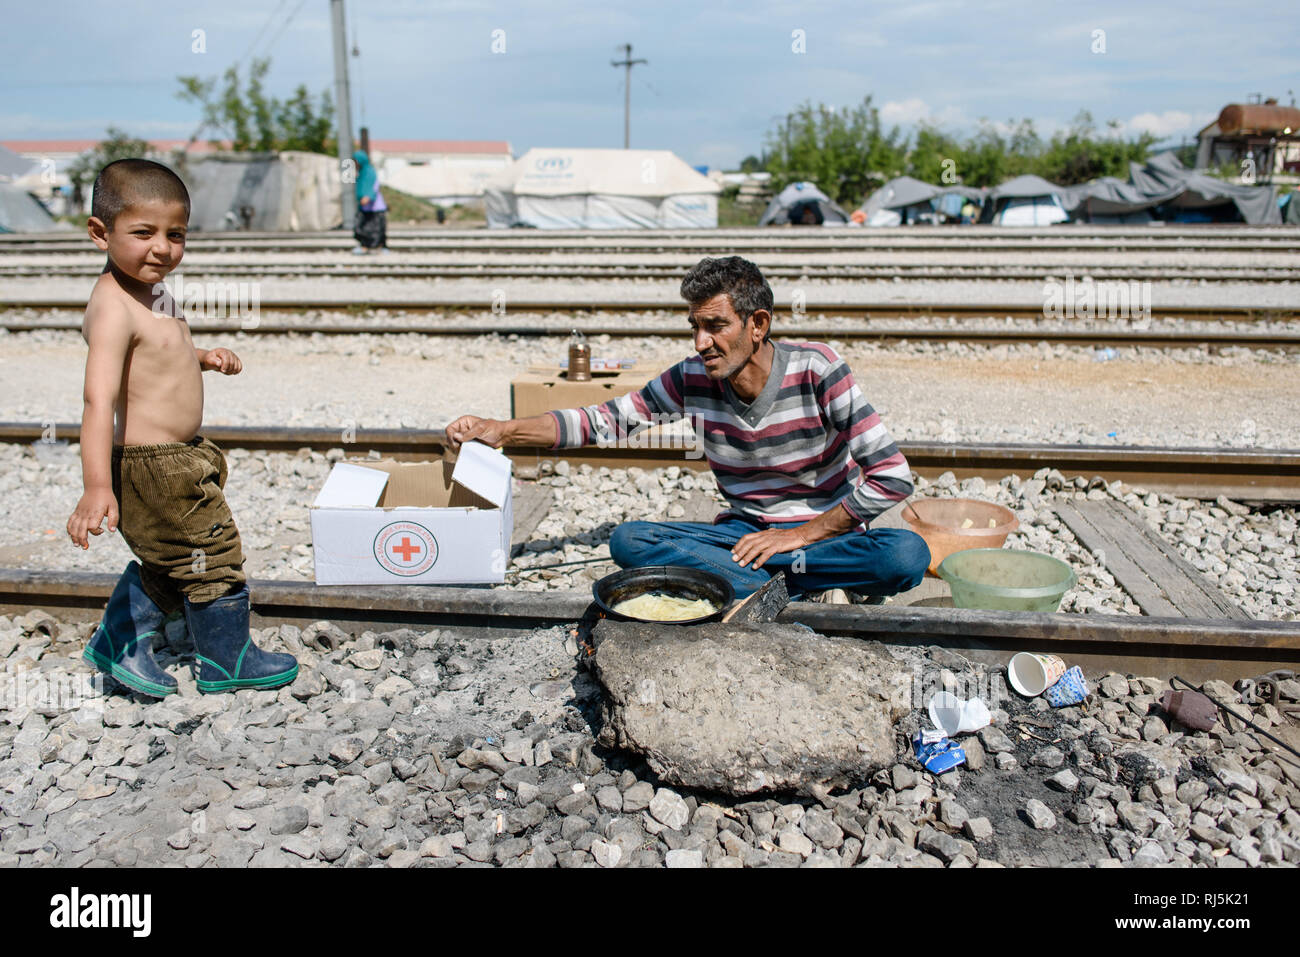 Ein Vater kocht für sich und seinen Sohn ein Mahlzeit auf den Zuggleisen. Von Idomeni Flüchtlingscamp en Griechenland an der Grenze nach Mazedonien, Foto de stock